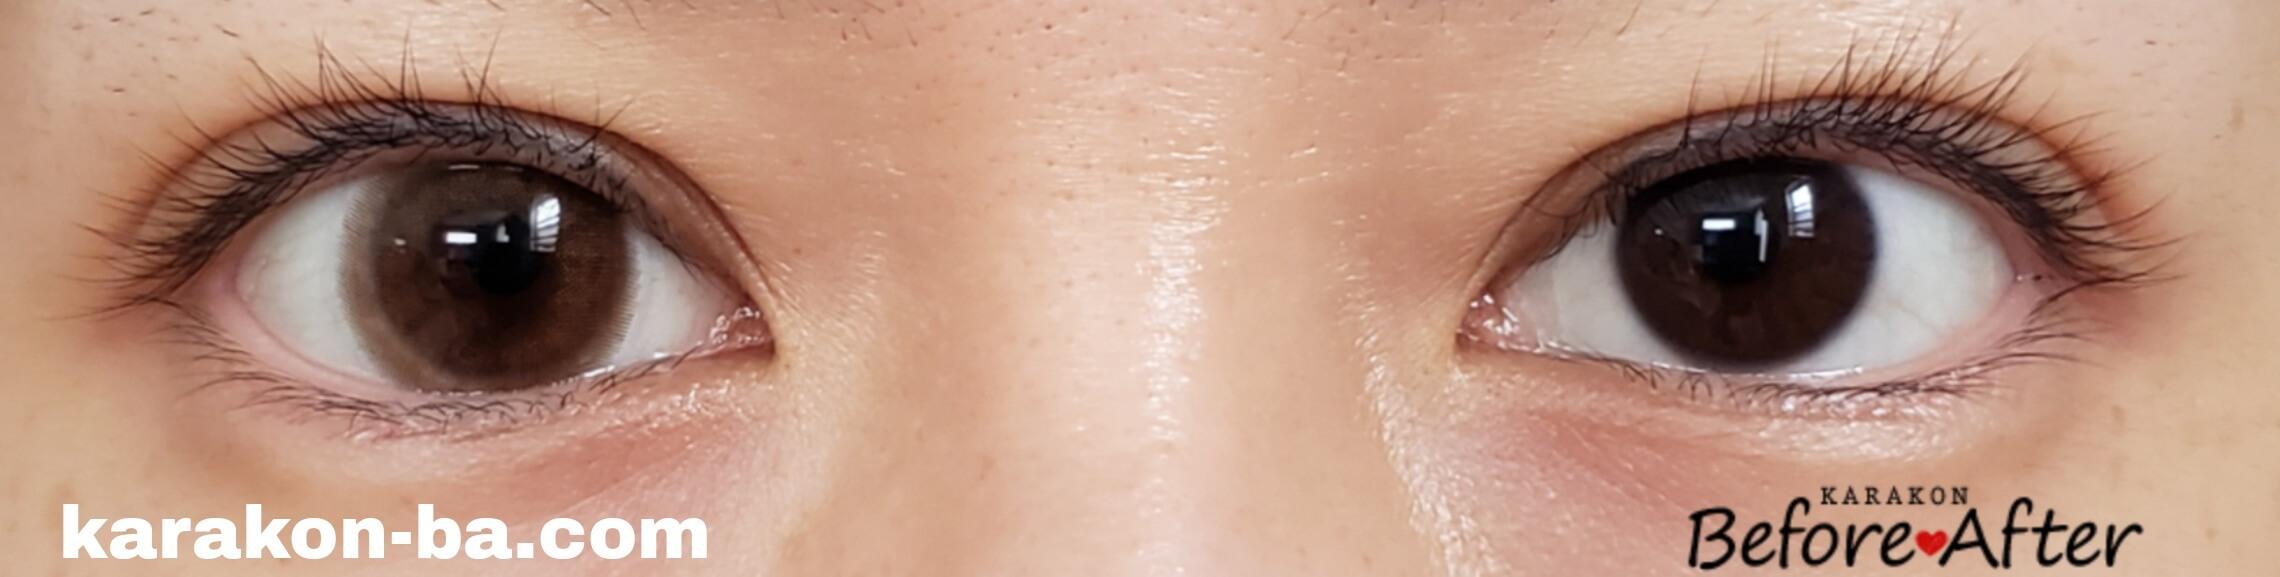 ピンクベージュのカラコン装着画像/裸眼と比較